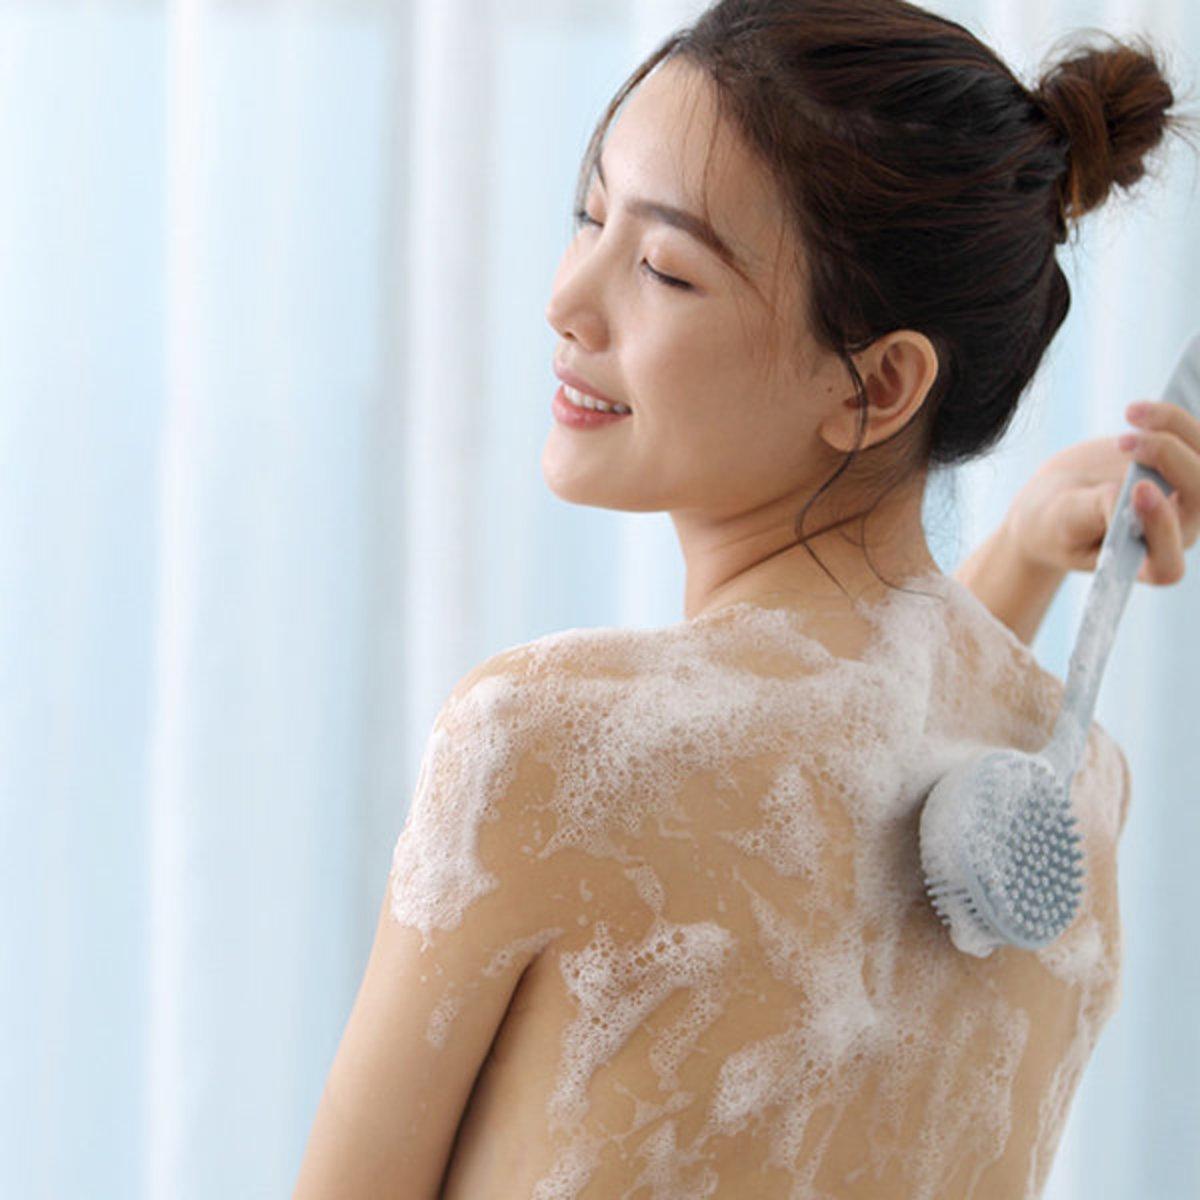 Double-sided silicone massage brush